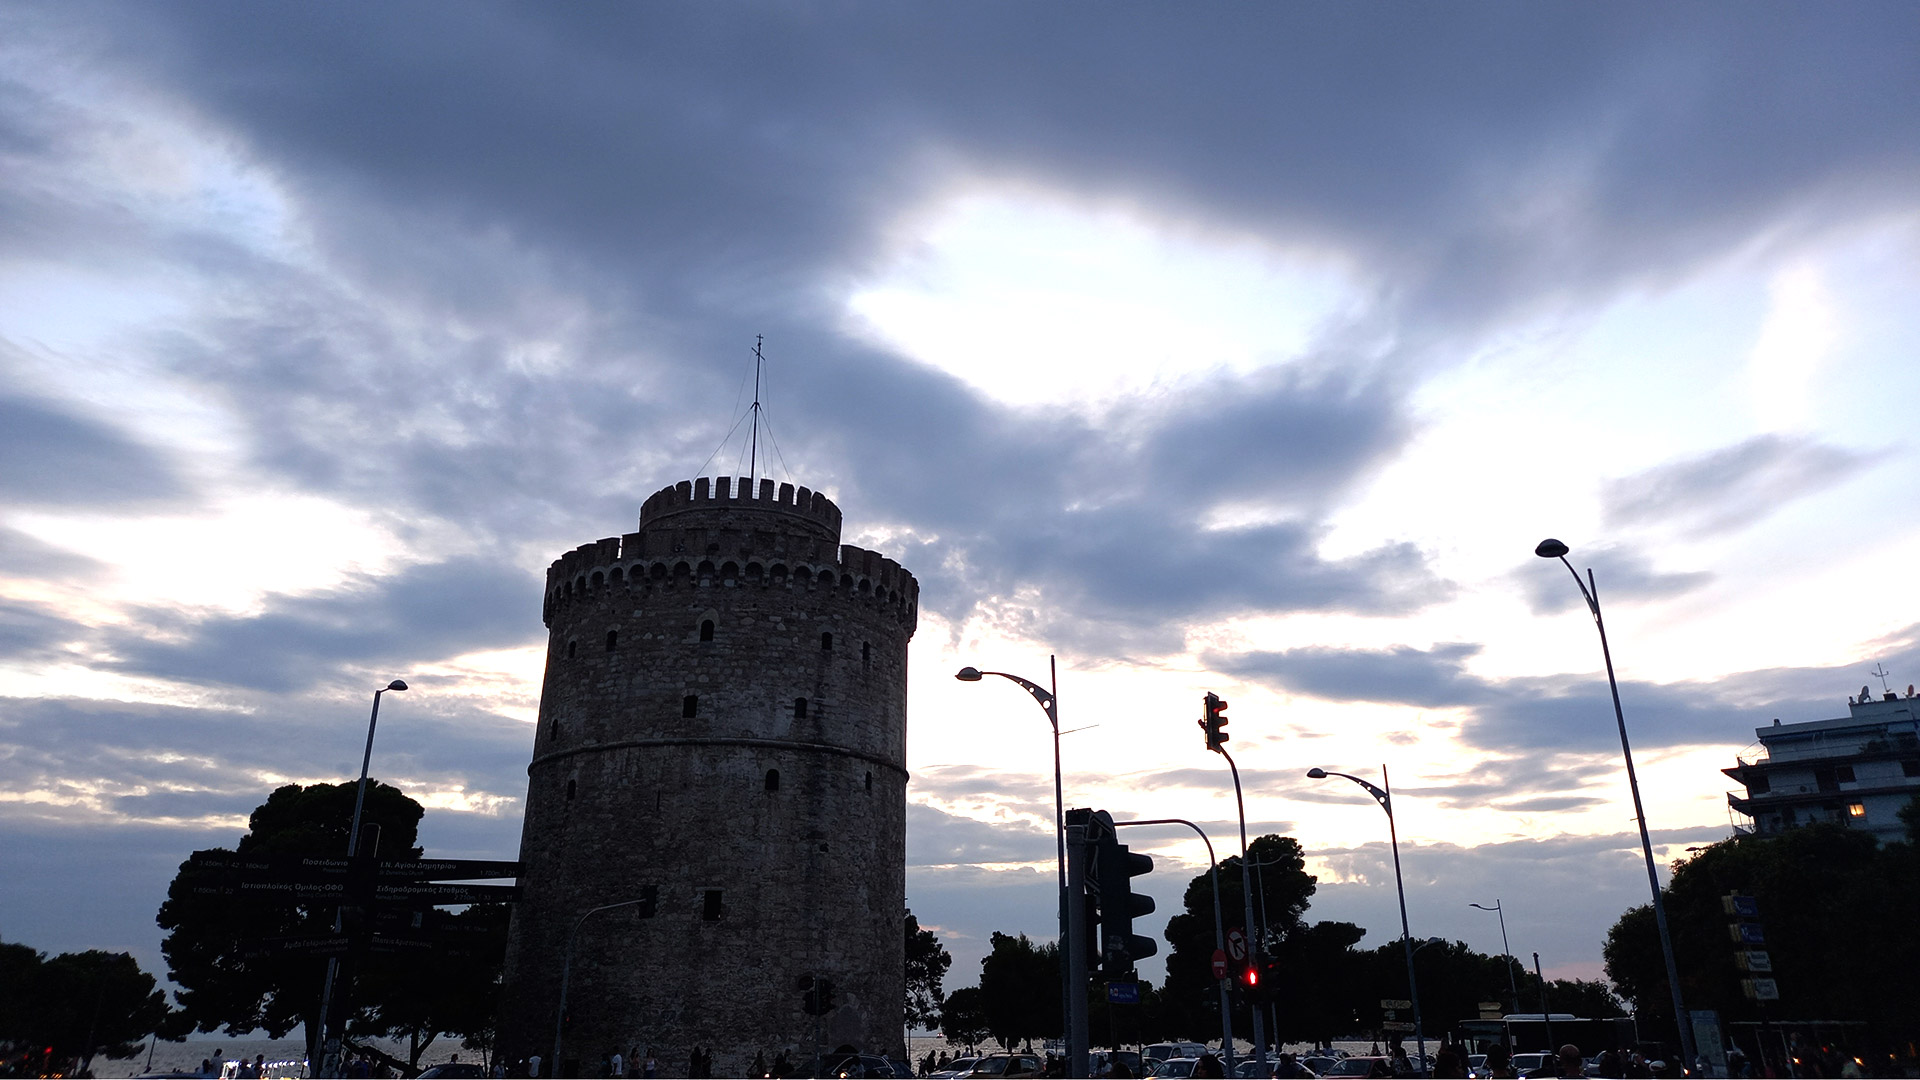 Σε επίπεδο αυξημένου συναγερμού η Θεσσαλονίκη — Αύριο αποφασίζεται αν θα μπει στο κόκκινο